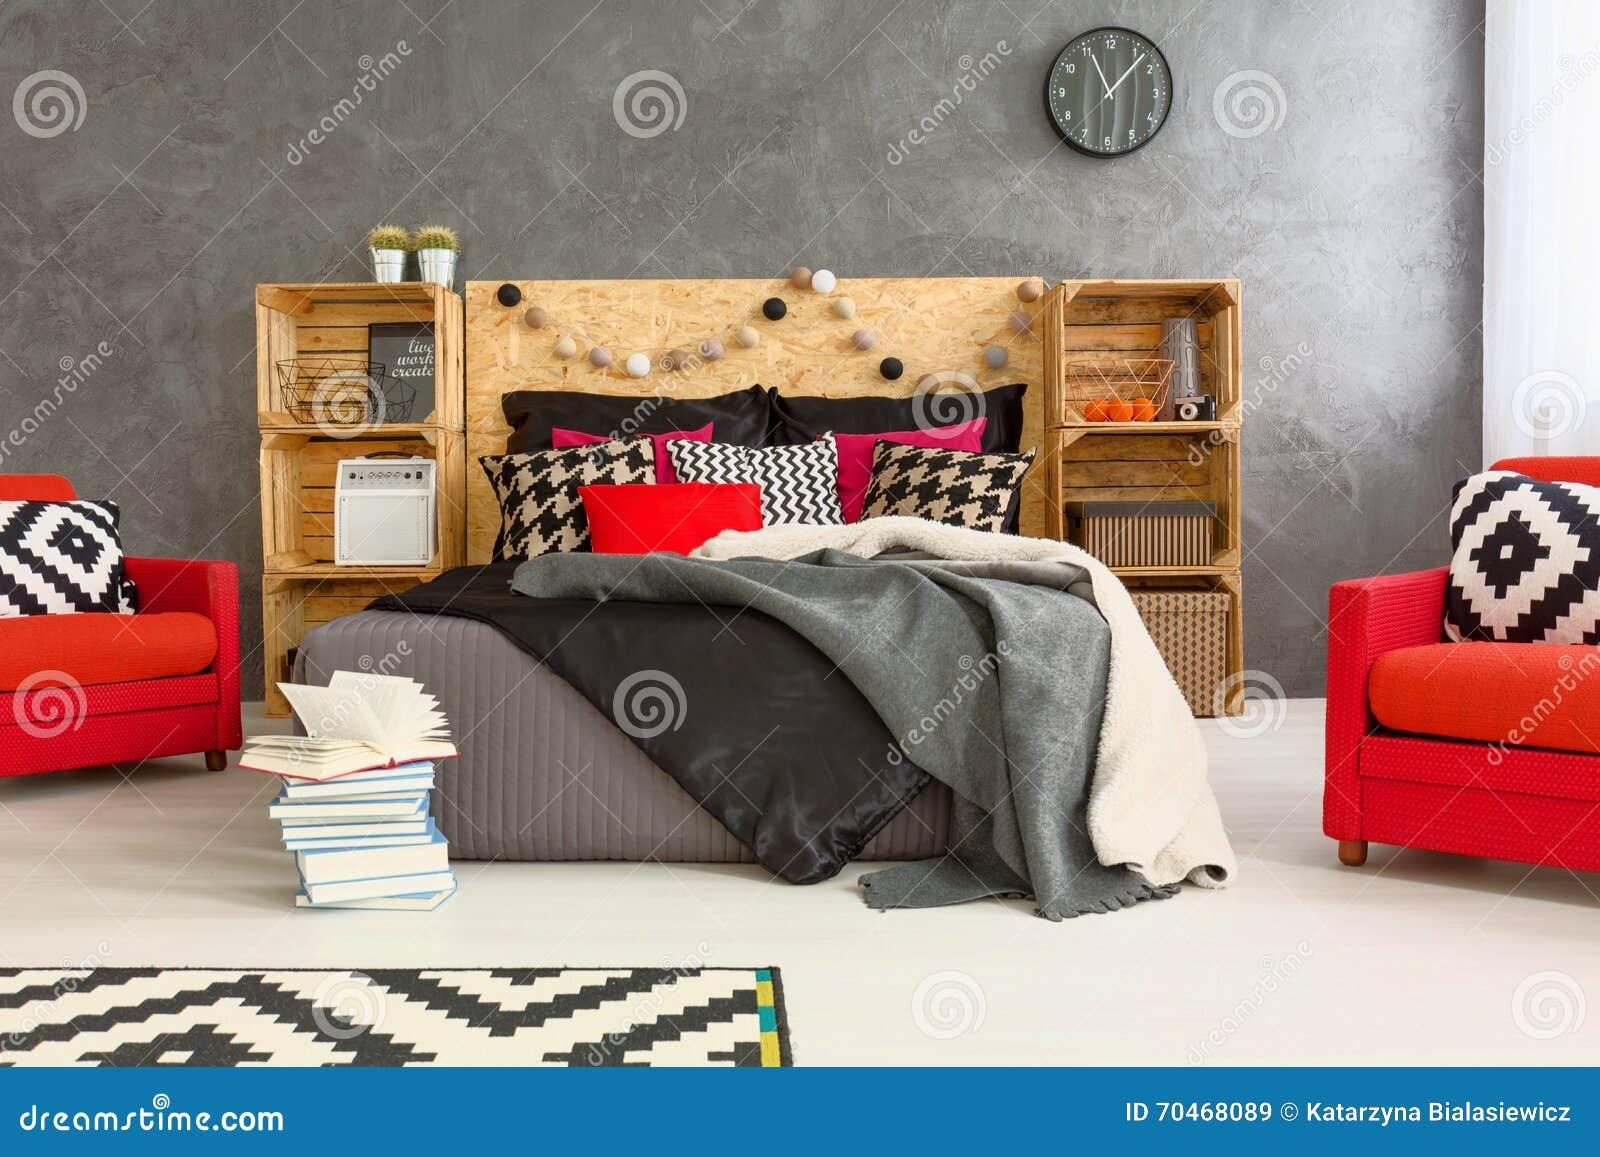 Diy Slaapkamer Decoratie : Slaapkamer in creatieve stijl met diy meubilair stock afbeelding